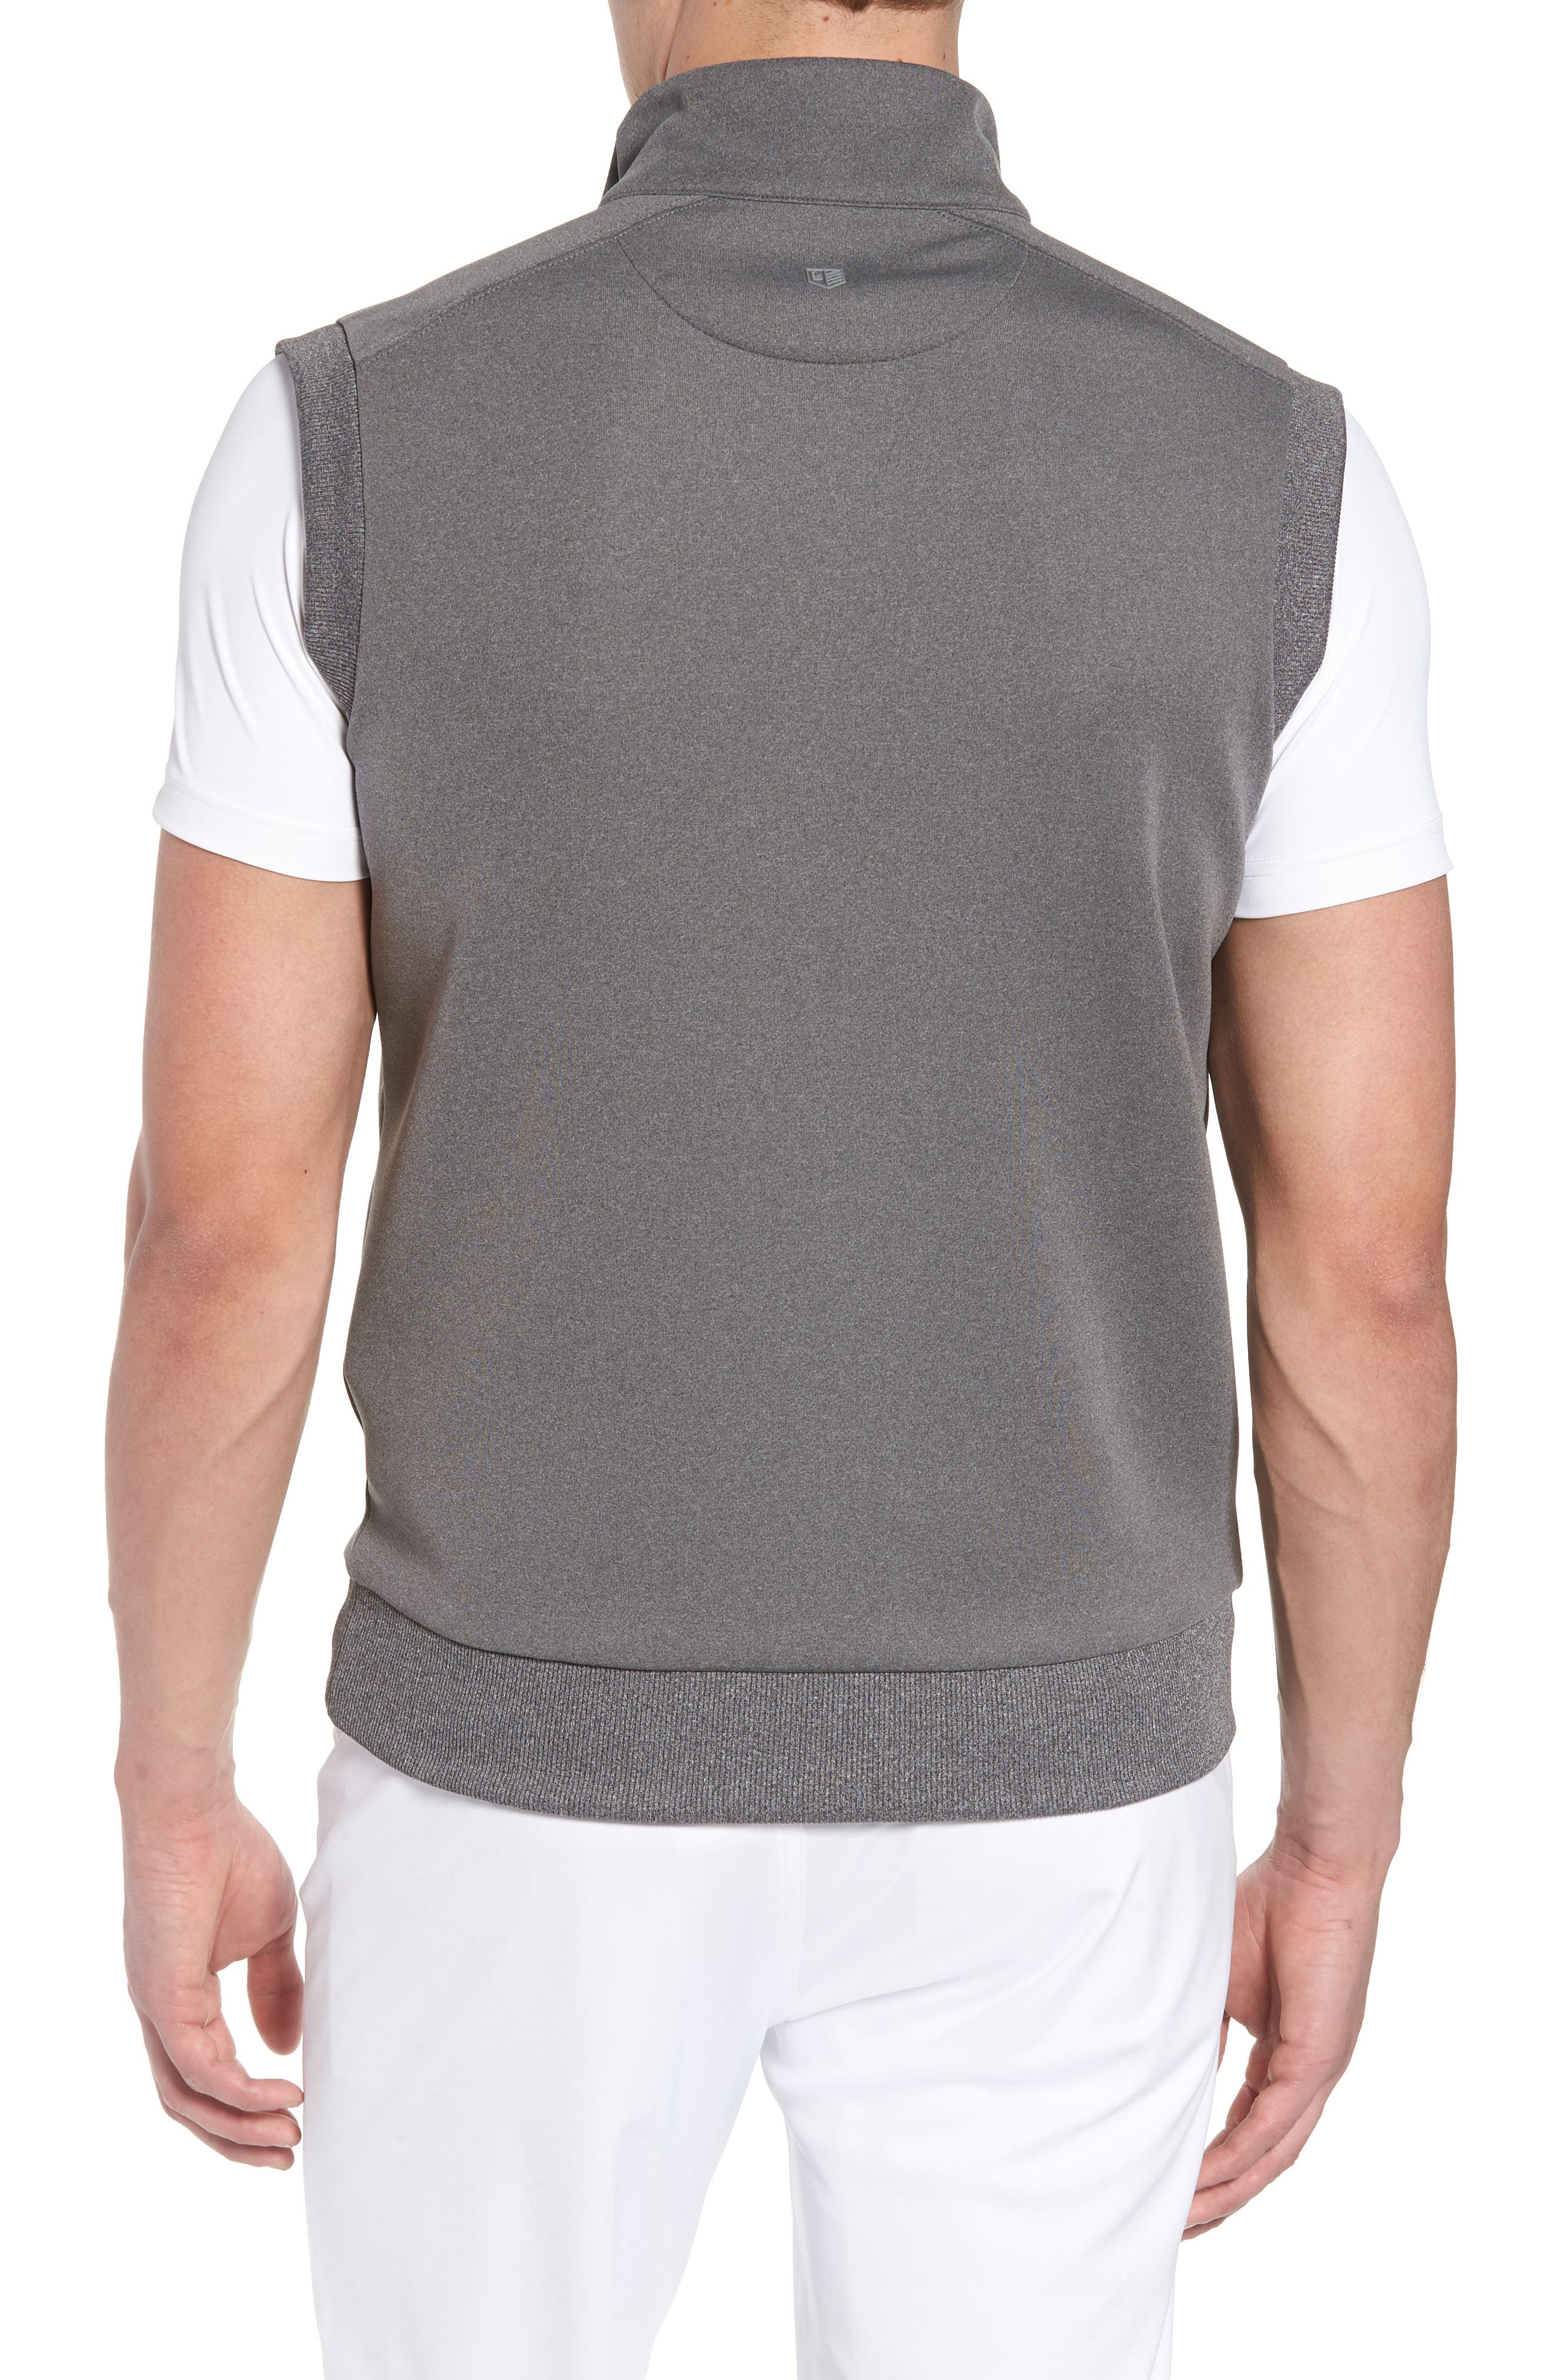 Quarter Zip Tech Vest,                             Alternate thumbnail 2, color,                             GRAPHITE HEATHER